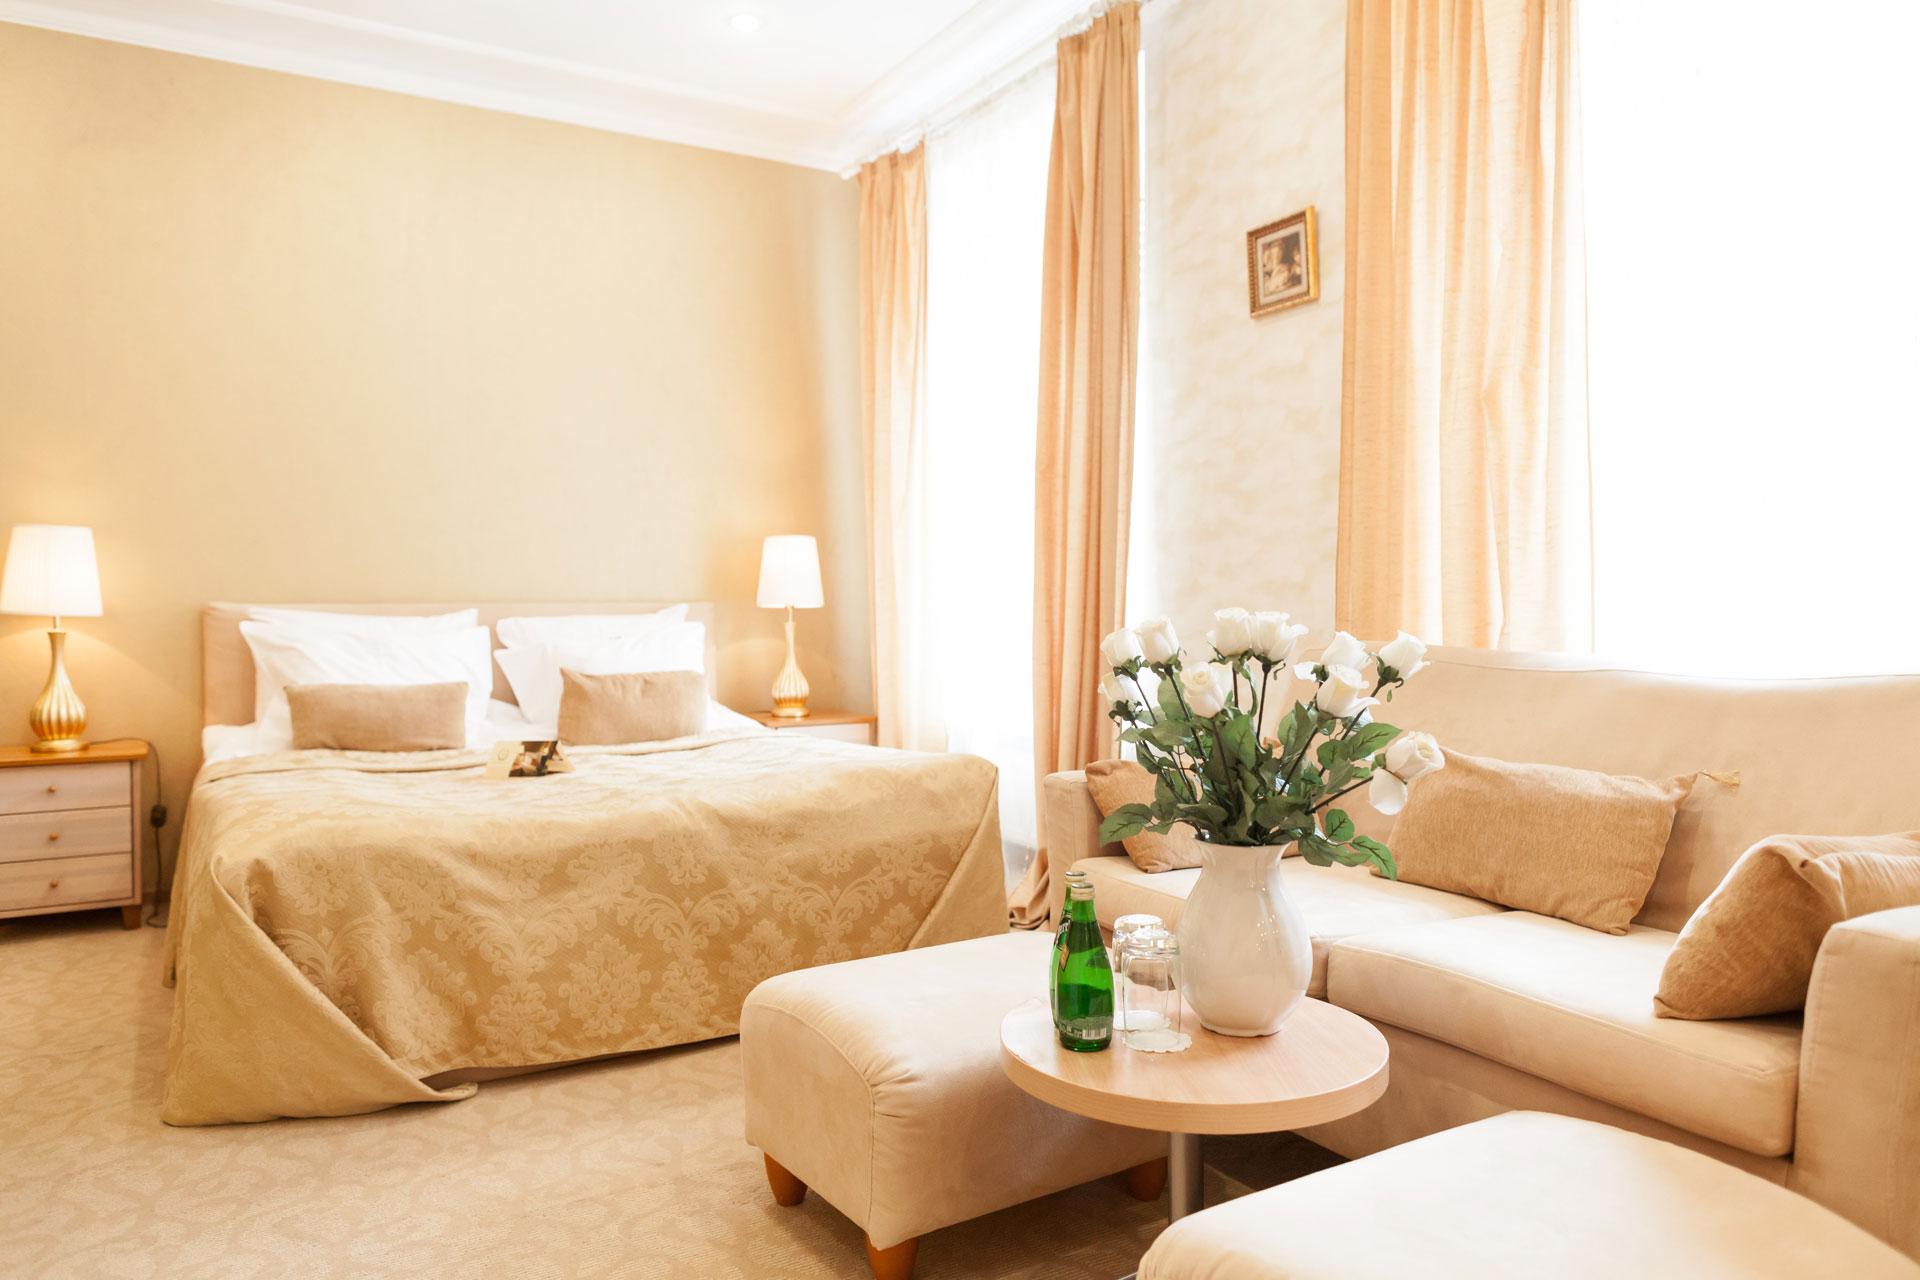 абажуръ комфортабельный мини отель петербурга